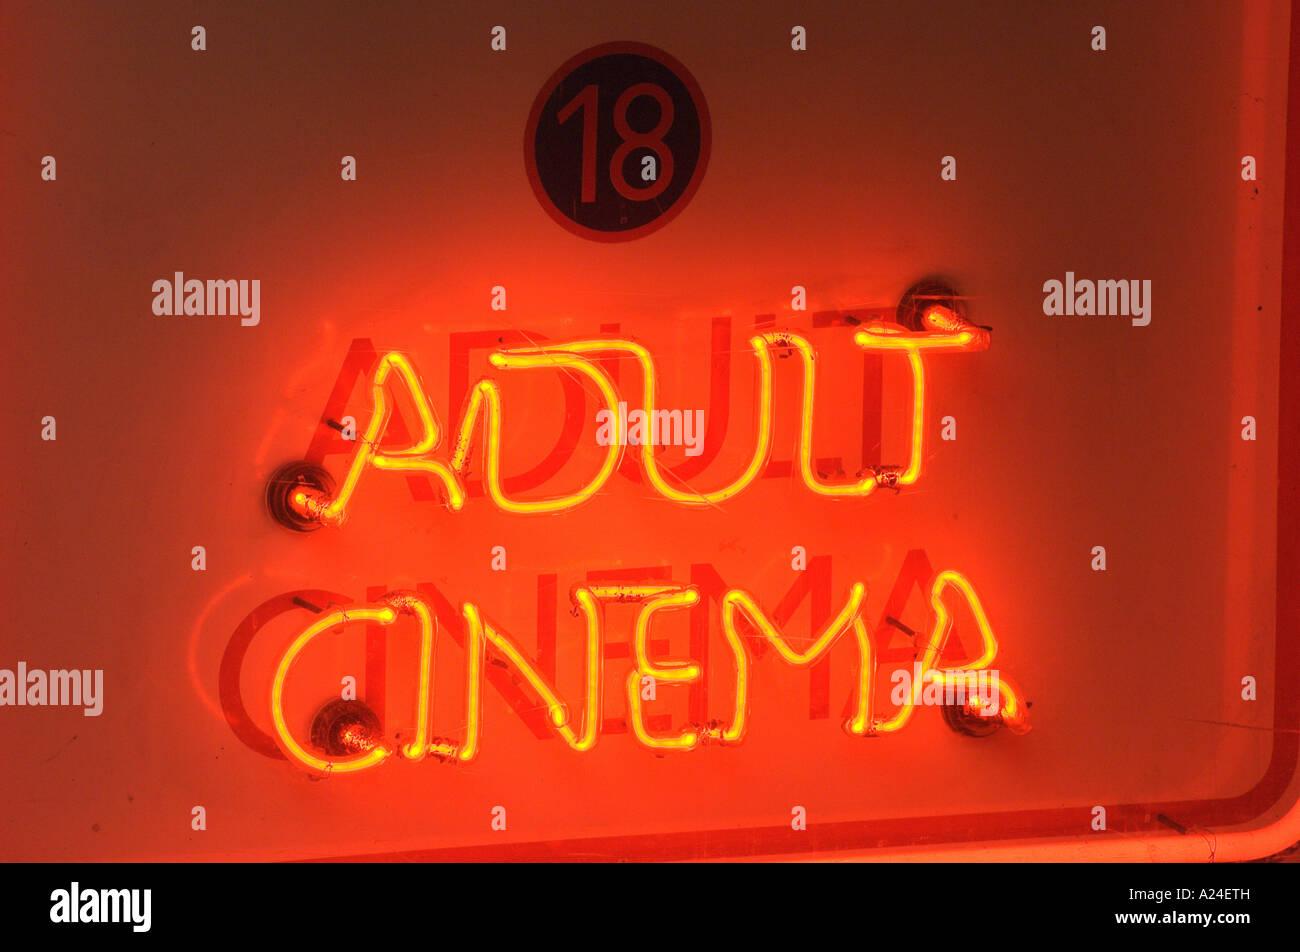 Adult Cinema